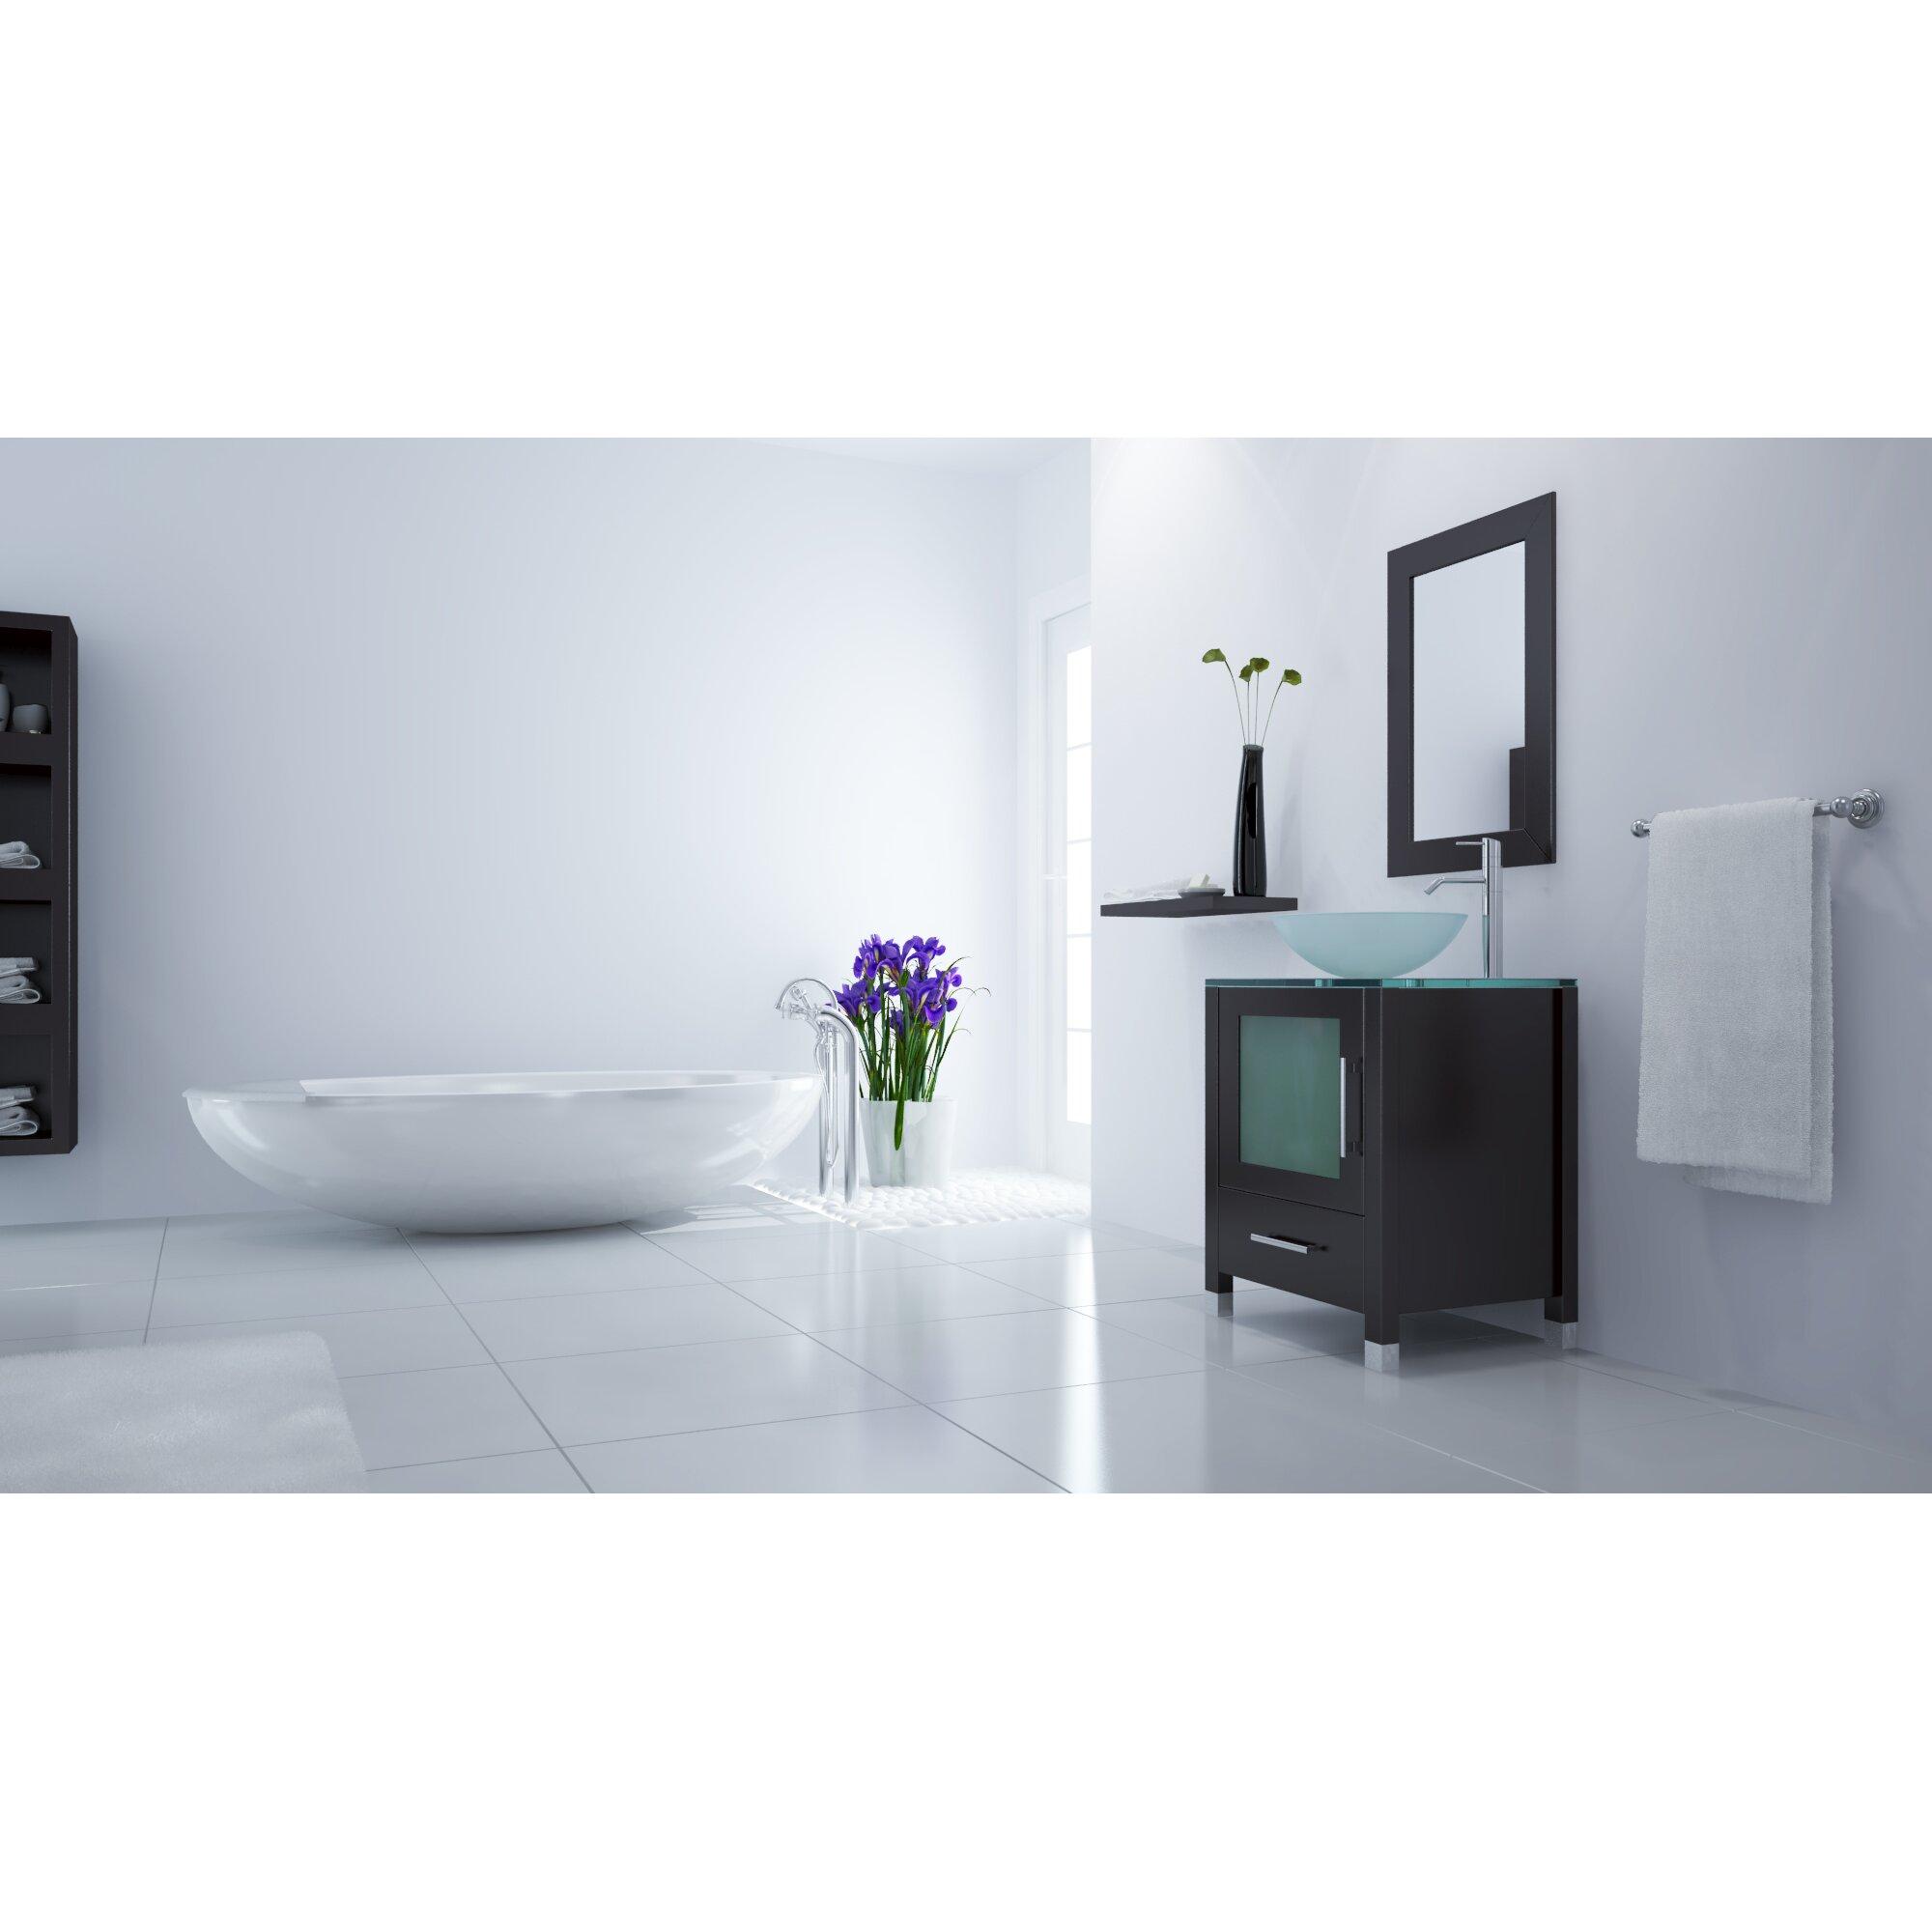 ... Single Soft Focus Vessel Sink Modern Bathroom Vanity Set by JWH Living